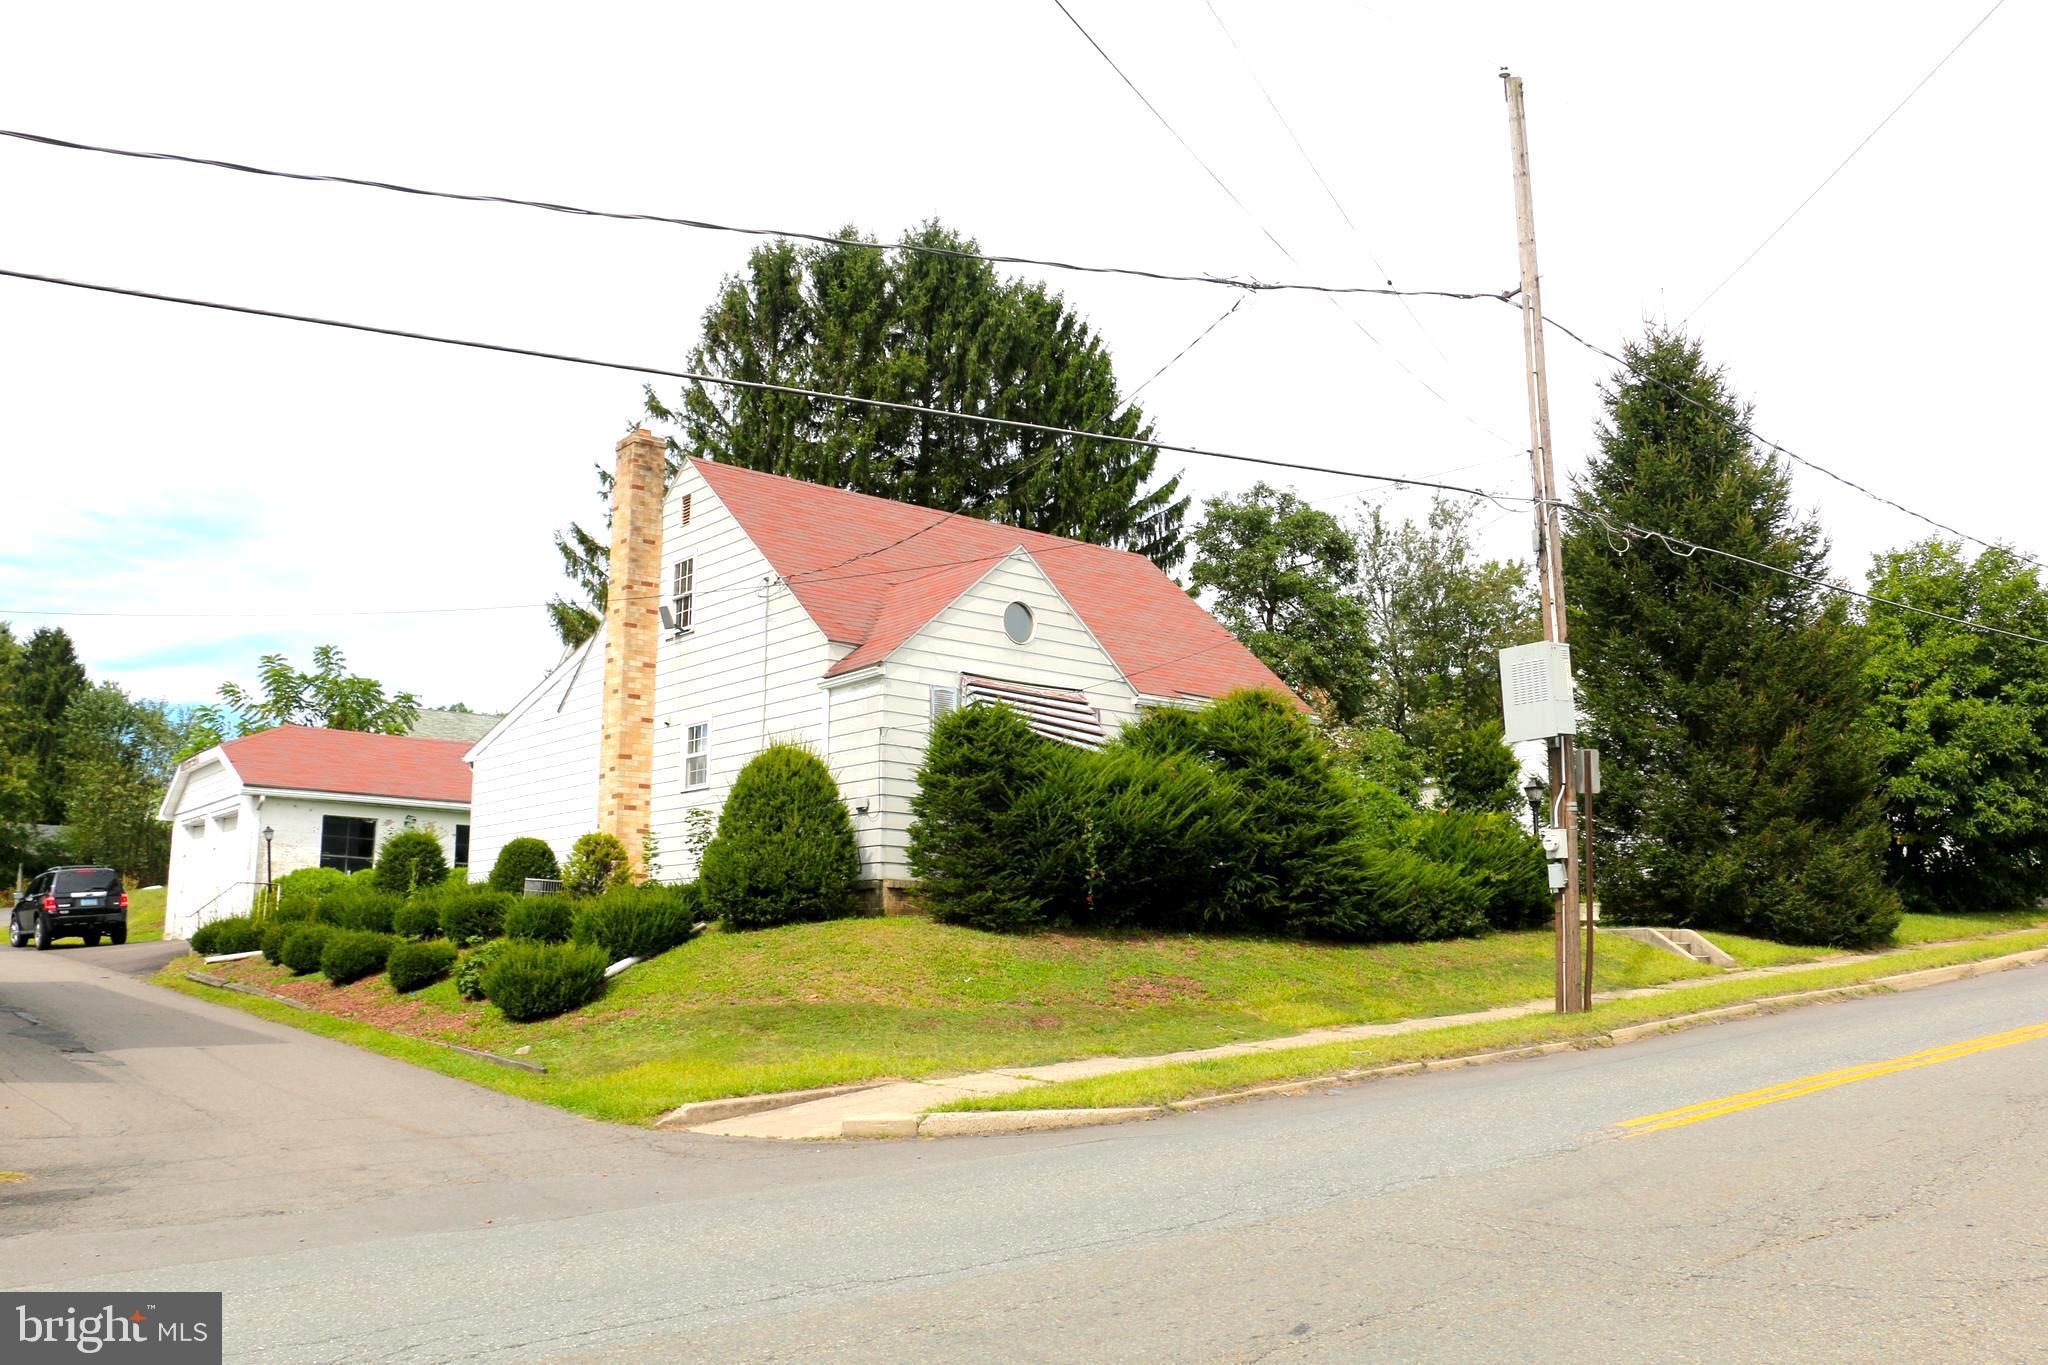 417 OAK STREET, FRACKVILLE, PA 17931